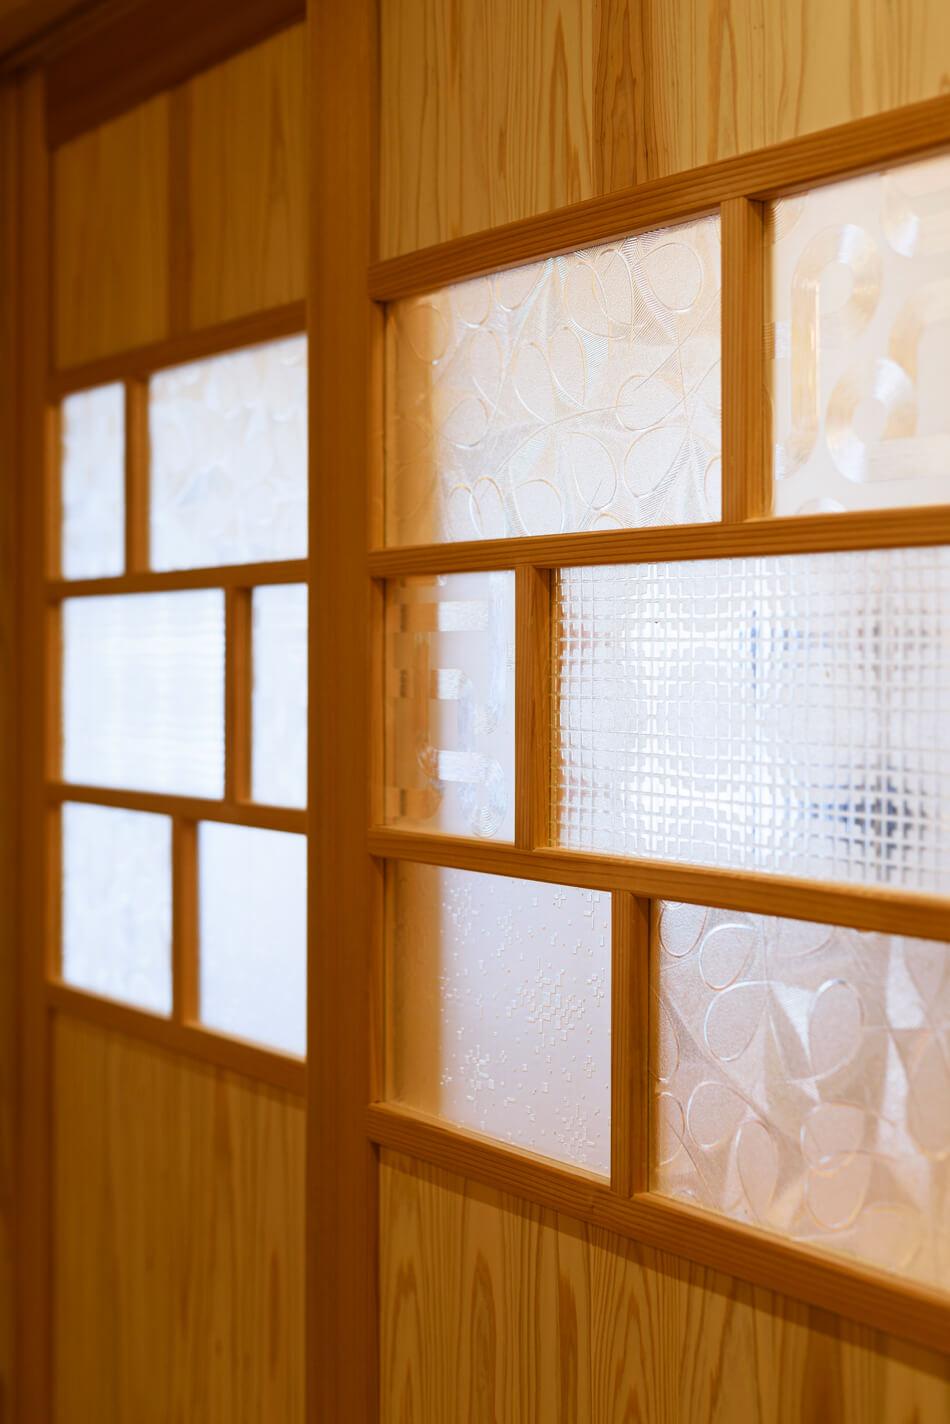 木の家|福岡の新築建築事例|2階建|4LDK|ドア|エコワークス|CASE-18|内観08